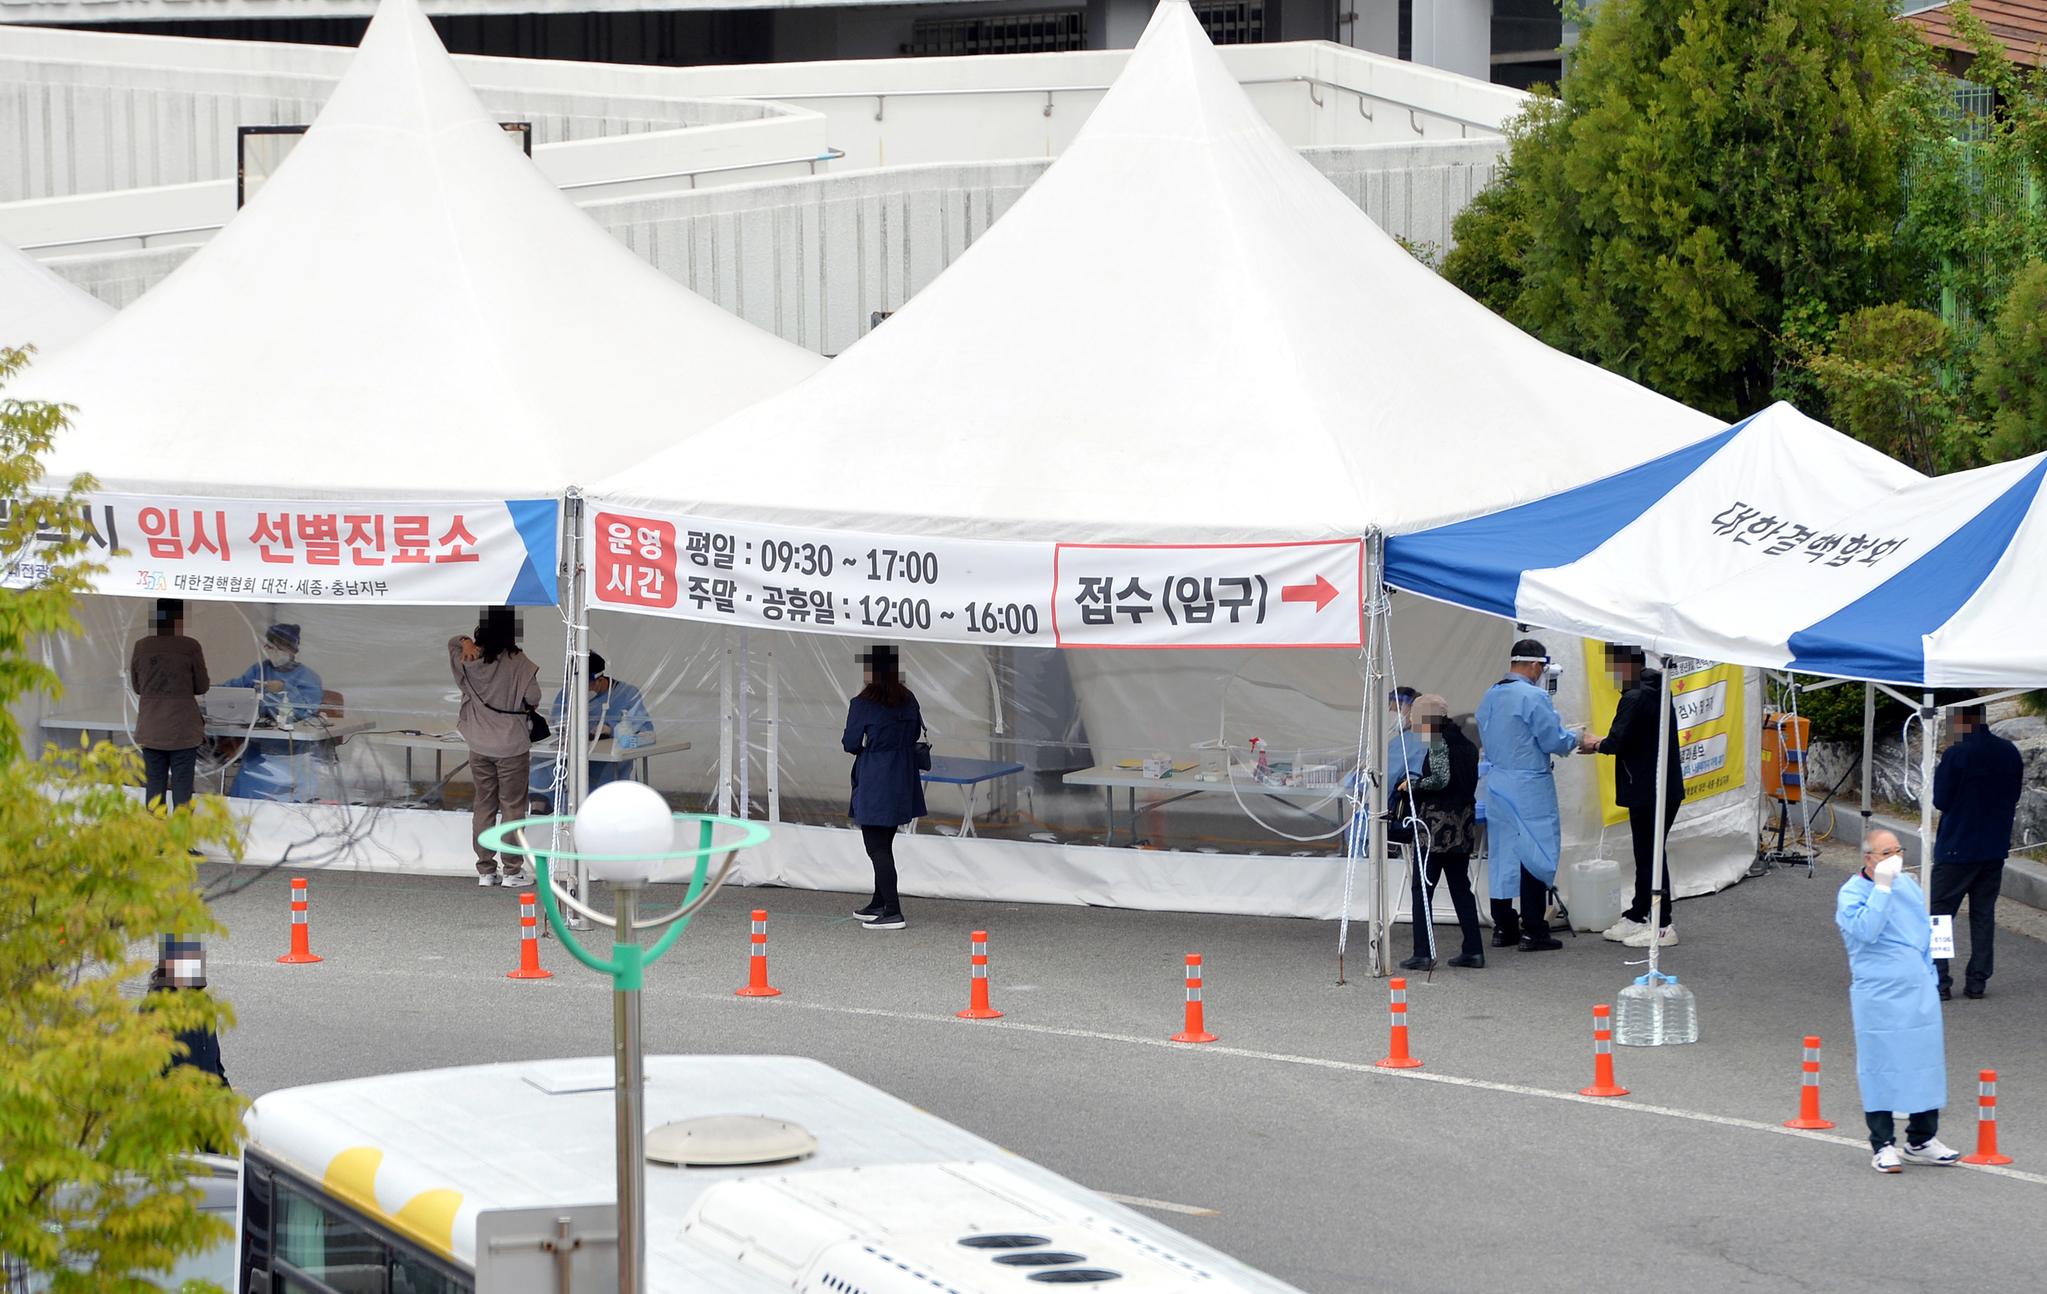 신종 코로나바이러스 감염증(코로나19)이 확산하고 있는 가운데 16일 대전 한밭체육관 앞 코로나19 선별진료소에서 의료진들이 시민들을 분주히 검사하고 있다. 중앙포토